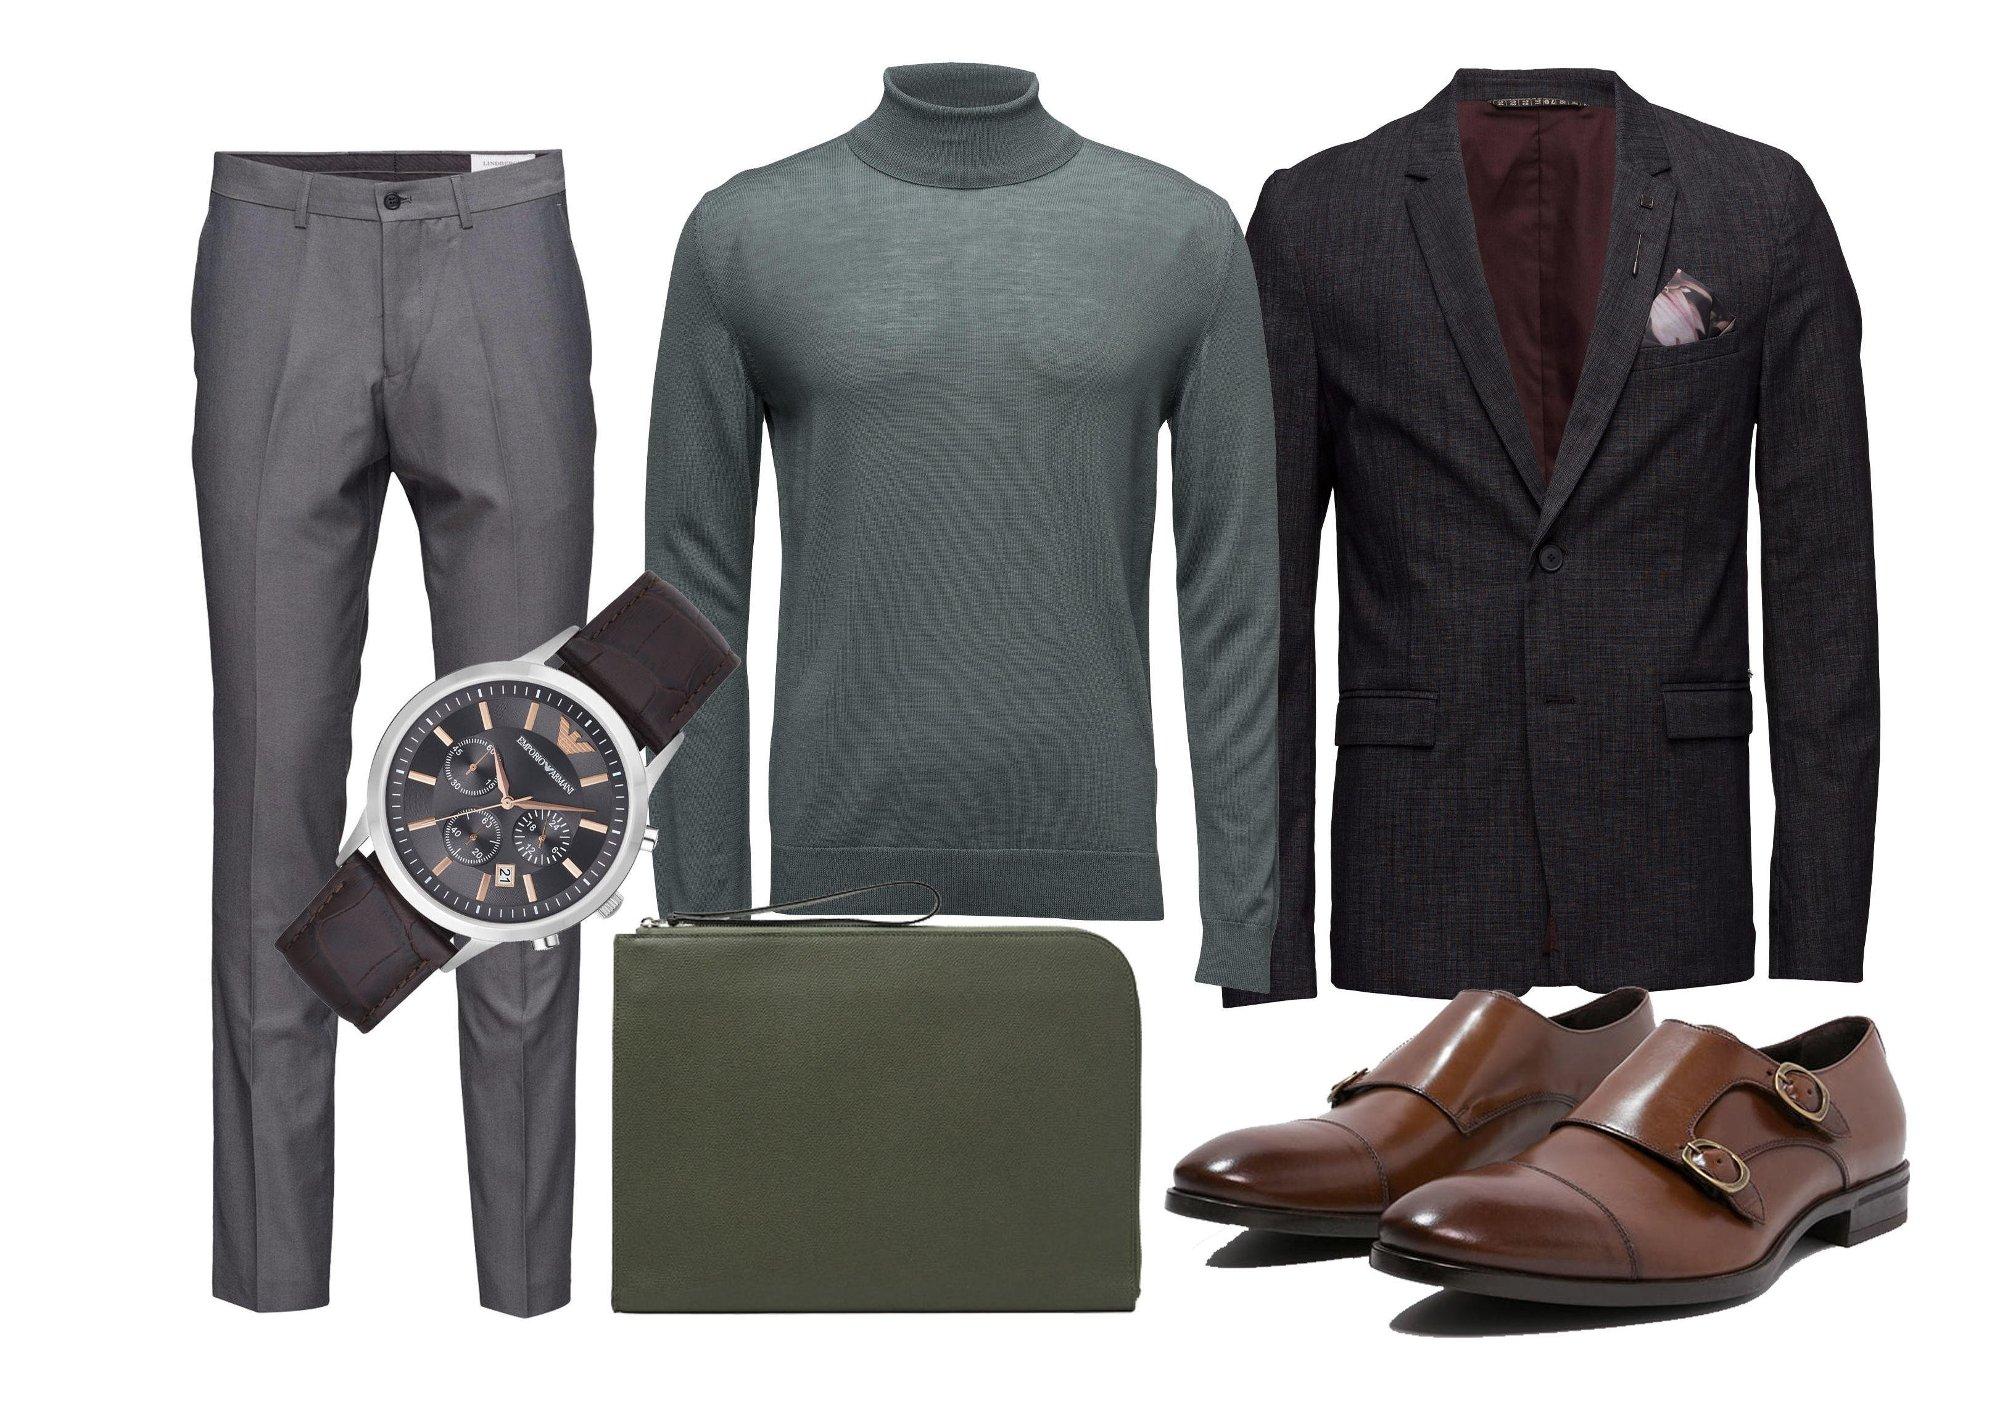 30d058a0 Vi liker å matche den med en fet mørkegrå blazer slik som denne fra Boss  Orange, lysegrå dressbukser og en enkel klokke fra Armani.